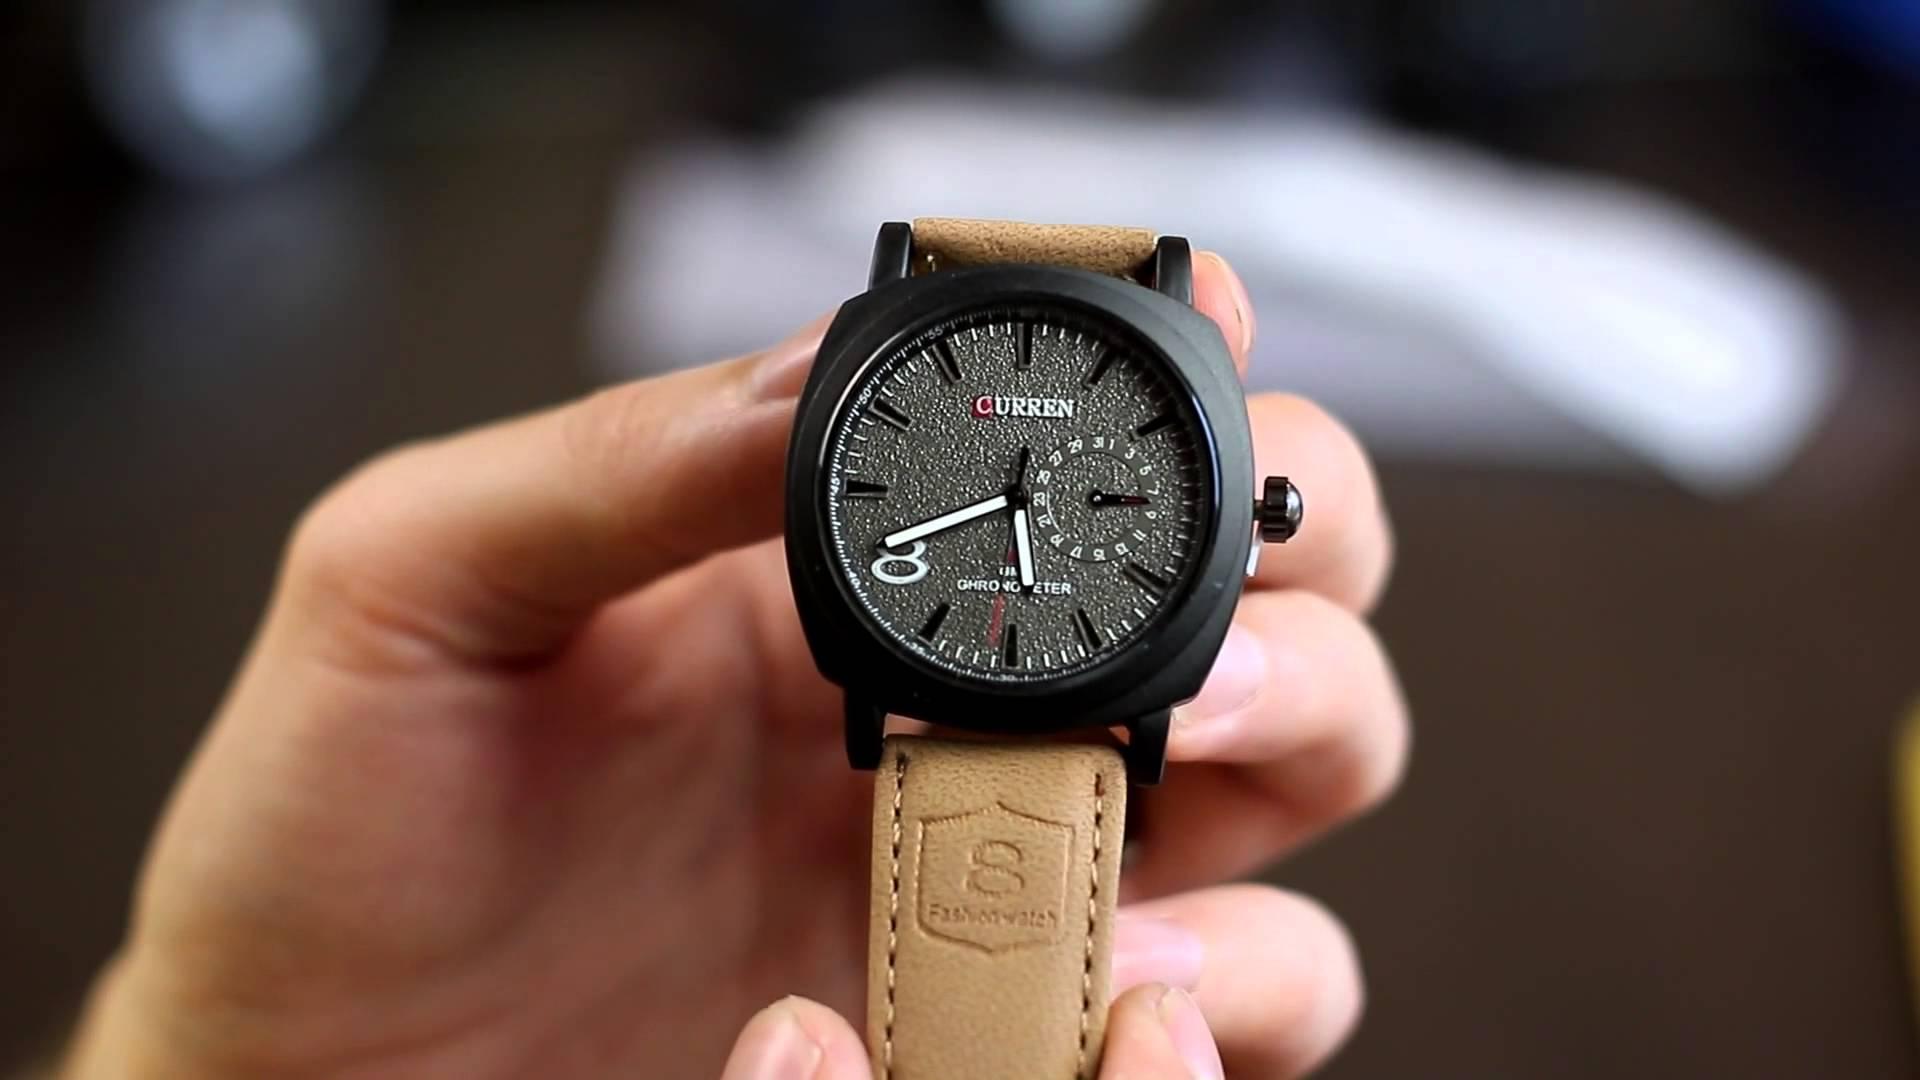 Стильные часы прекрасно смотрятся на руке, а большой циферблат позволит следить за временем.